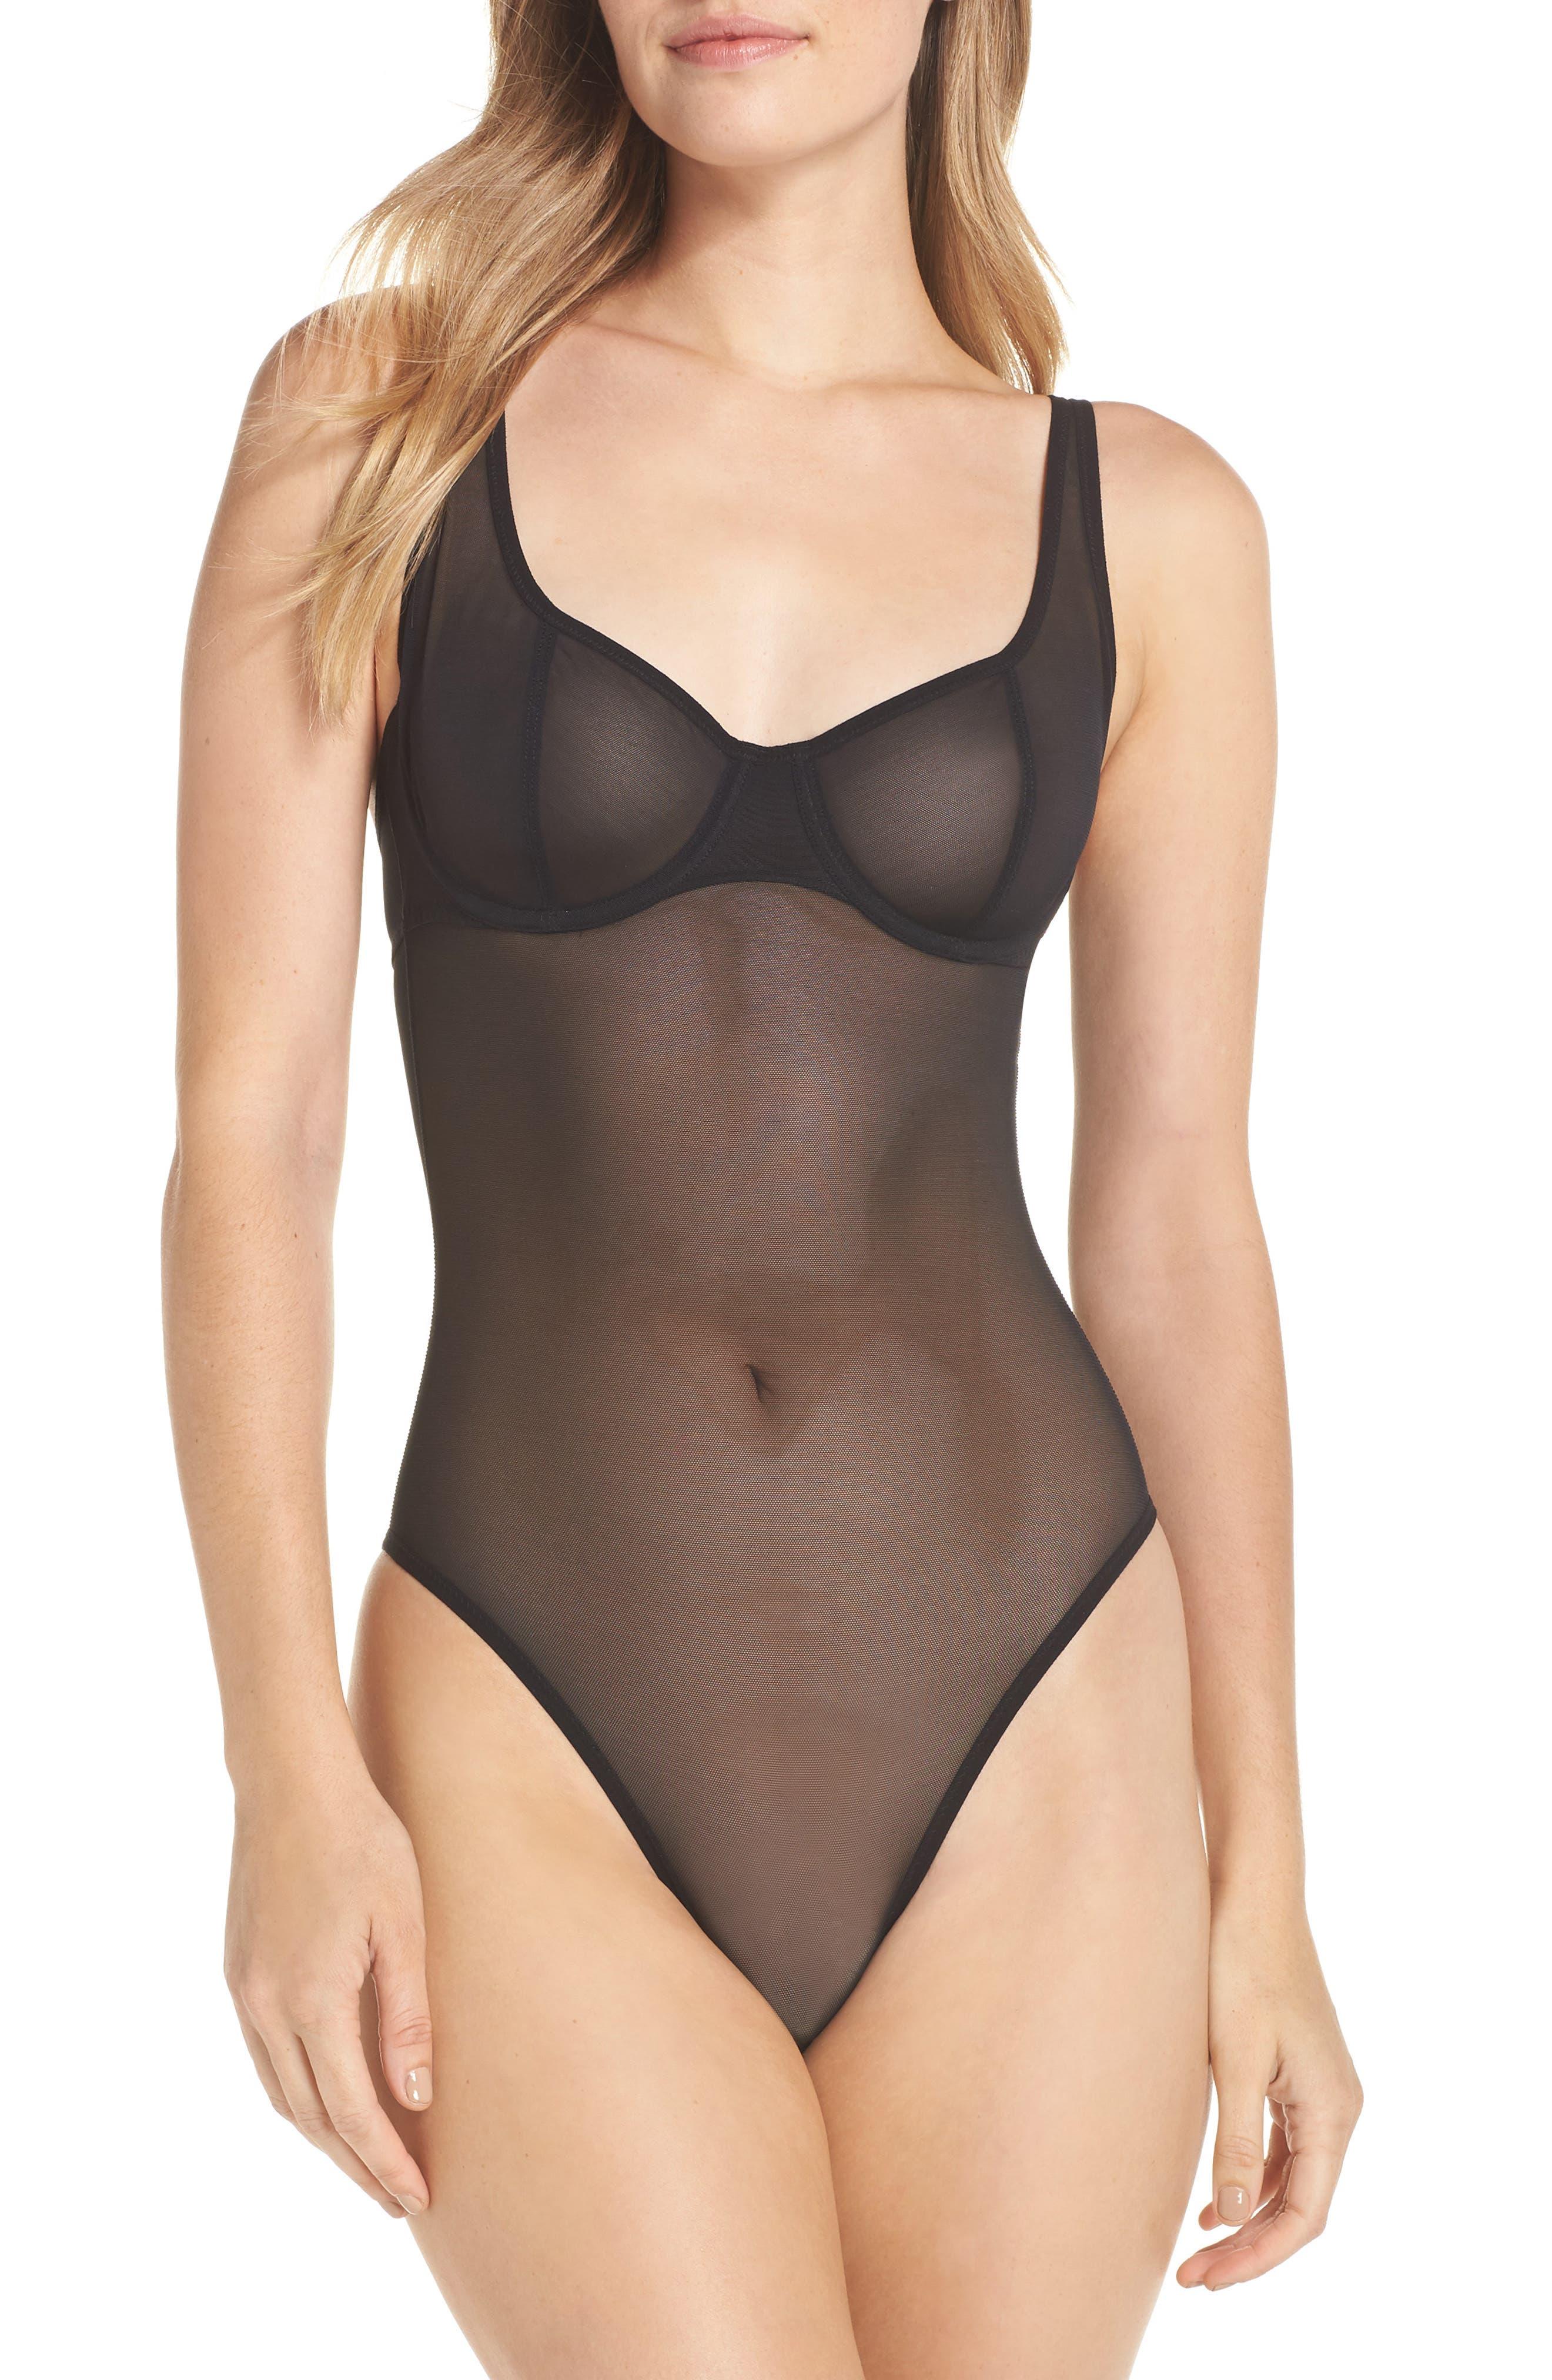 YUMMIE, Seductive Silhouette Bodysuit, Main thumbnail 1, color, 001